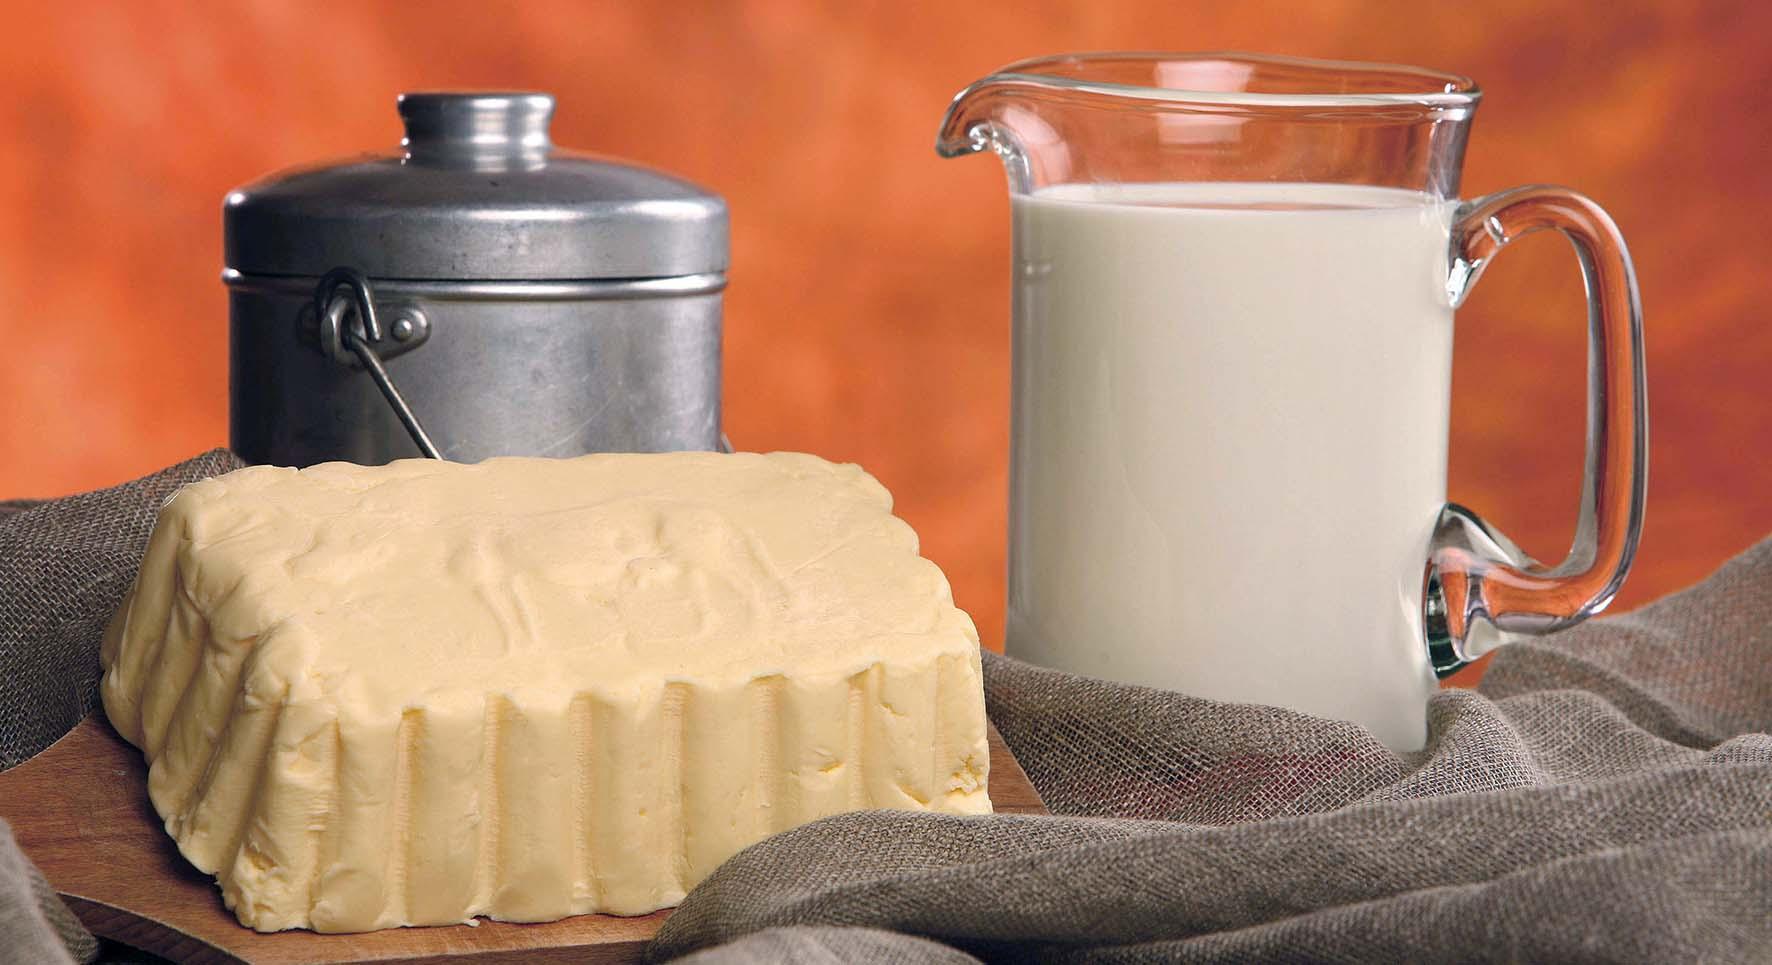 panetto burro brocca latte